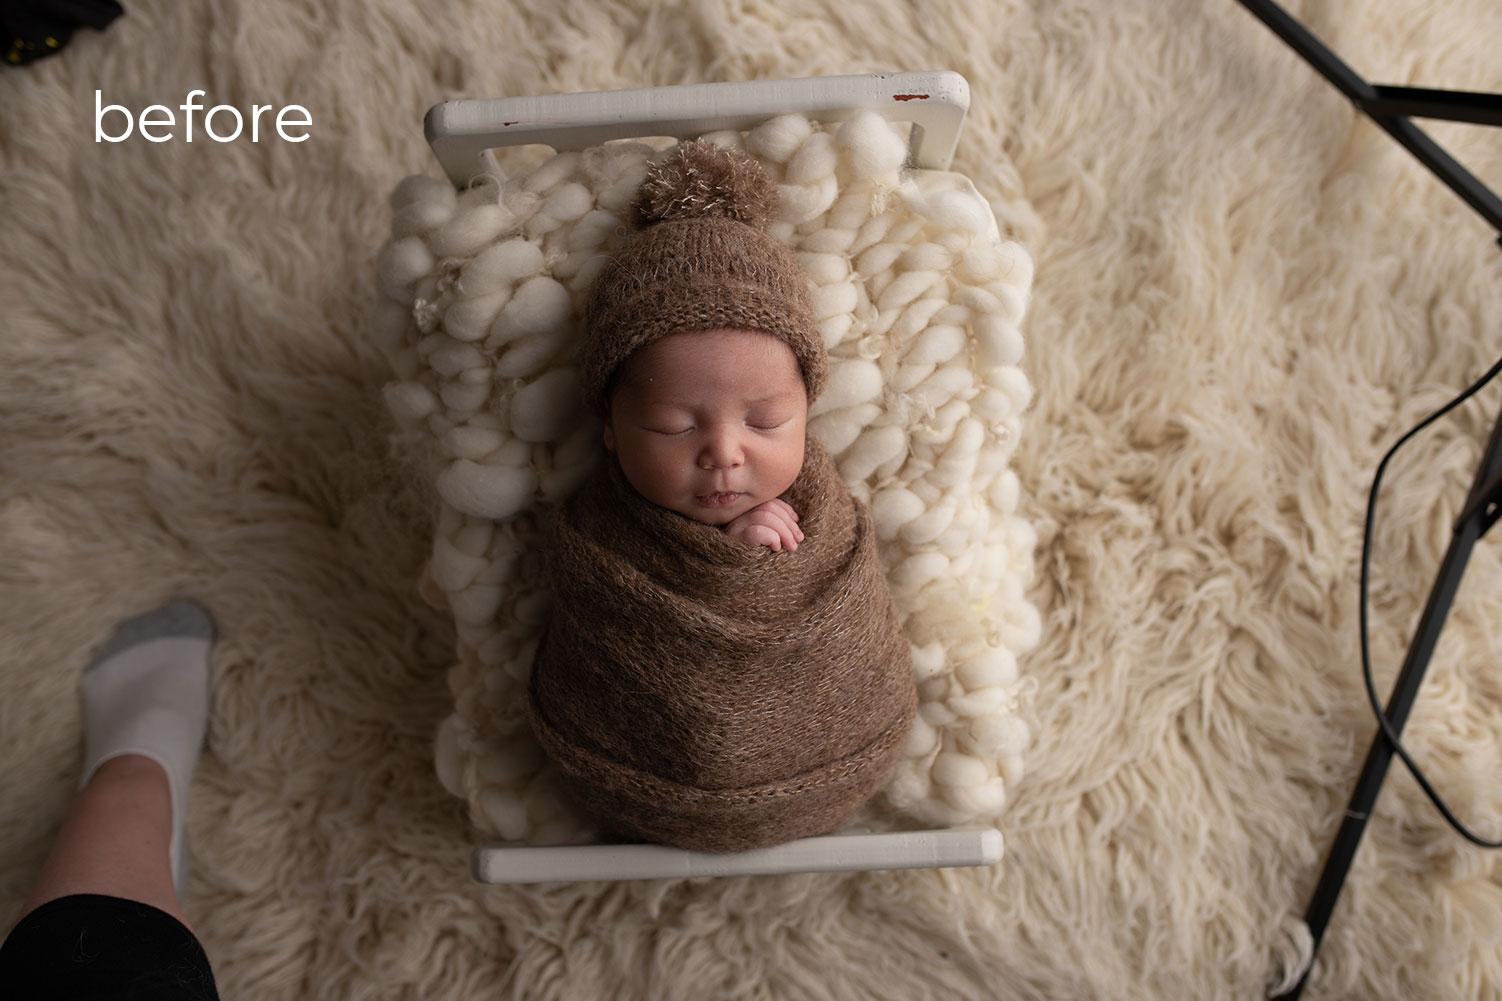 Newborn Photo Retouching before